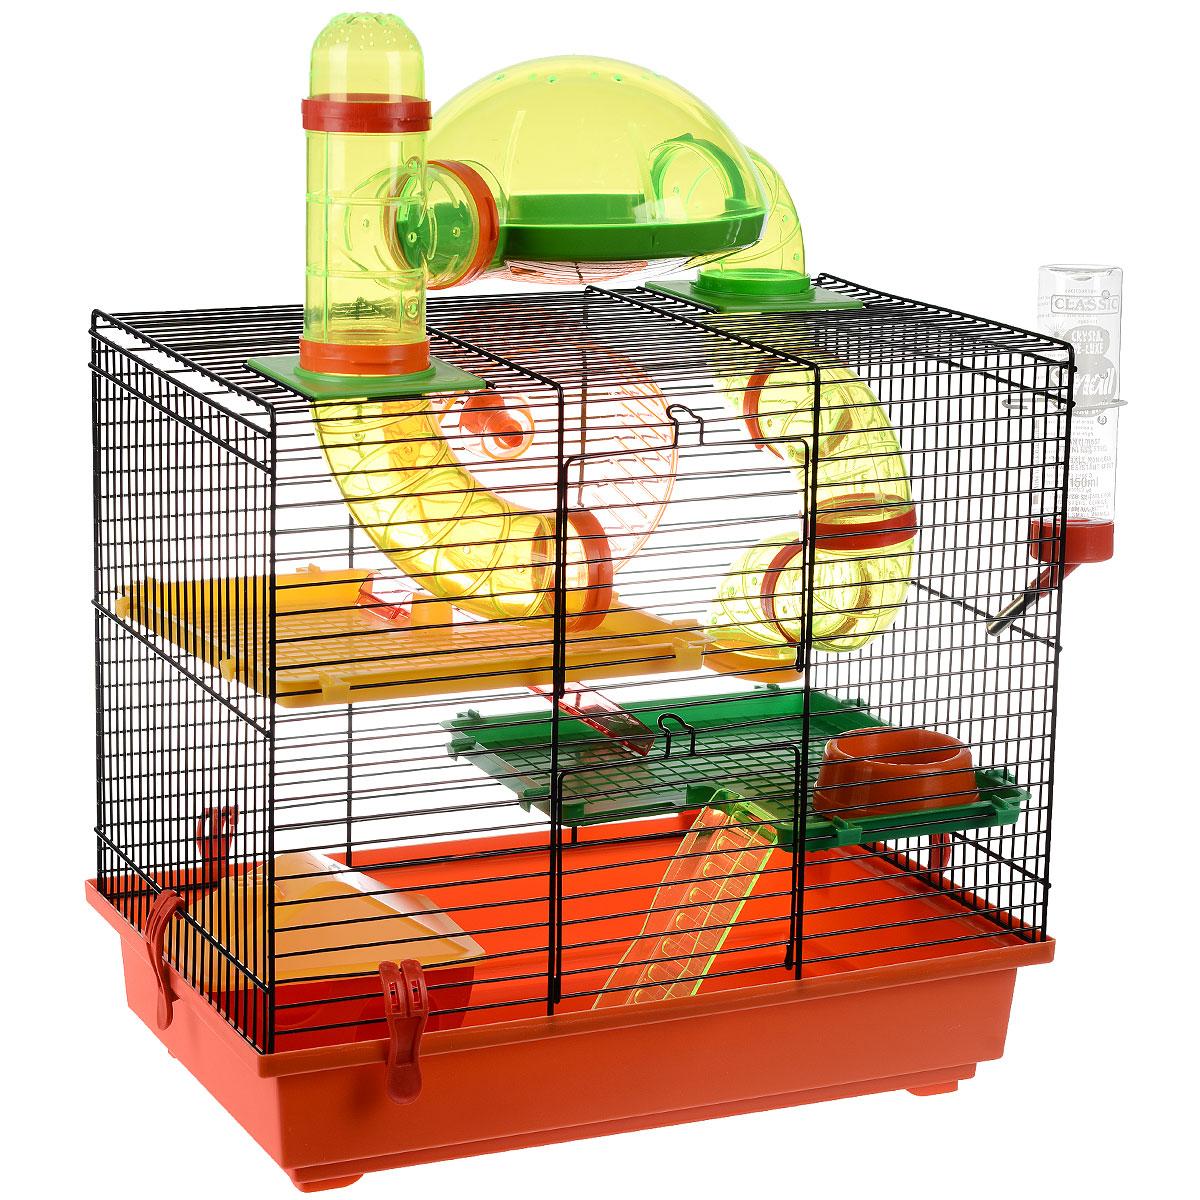 Клетка для грызунов I.P.T.S. Rocky, с игровым комплексом, цвет: черный, красный, 43 см х 28 см х 38,5 см24872/266820Яркая цветная клетка снабжена всем необходимым для отдыха и активной жизни грызуна. Подходит для мышей, песчанок, хомяков и других мелких грызунов. Это настоящий игровой комплекс с несколькими уровнями, что позволяет грызуну активно передвигаться. Клетка снабжена колесом для упражнений, специальной трубой для перемещения, кормушкой, поилкой, а также домиком, где грызун сможет спрятаться и отдохнуть. Клетка выполнена из пластика и металла. Надежно закрывается на защелки. Такая клетка станет уединенным личным пространством и уютным домиком для маленького грызуна.